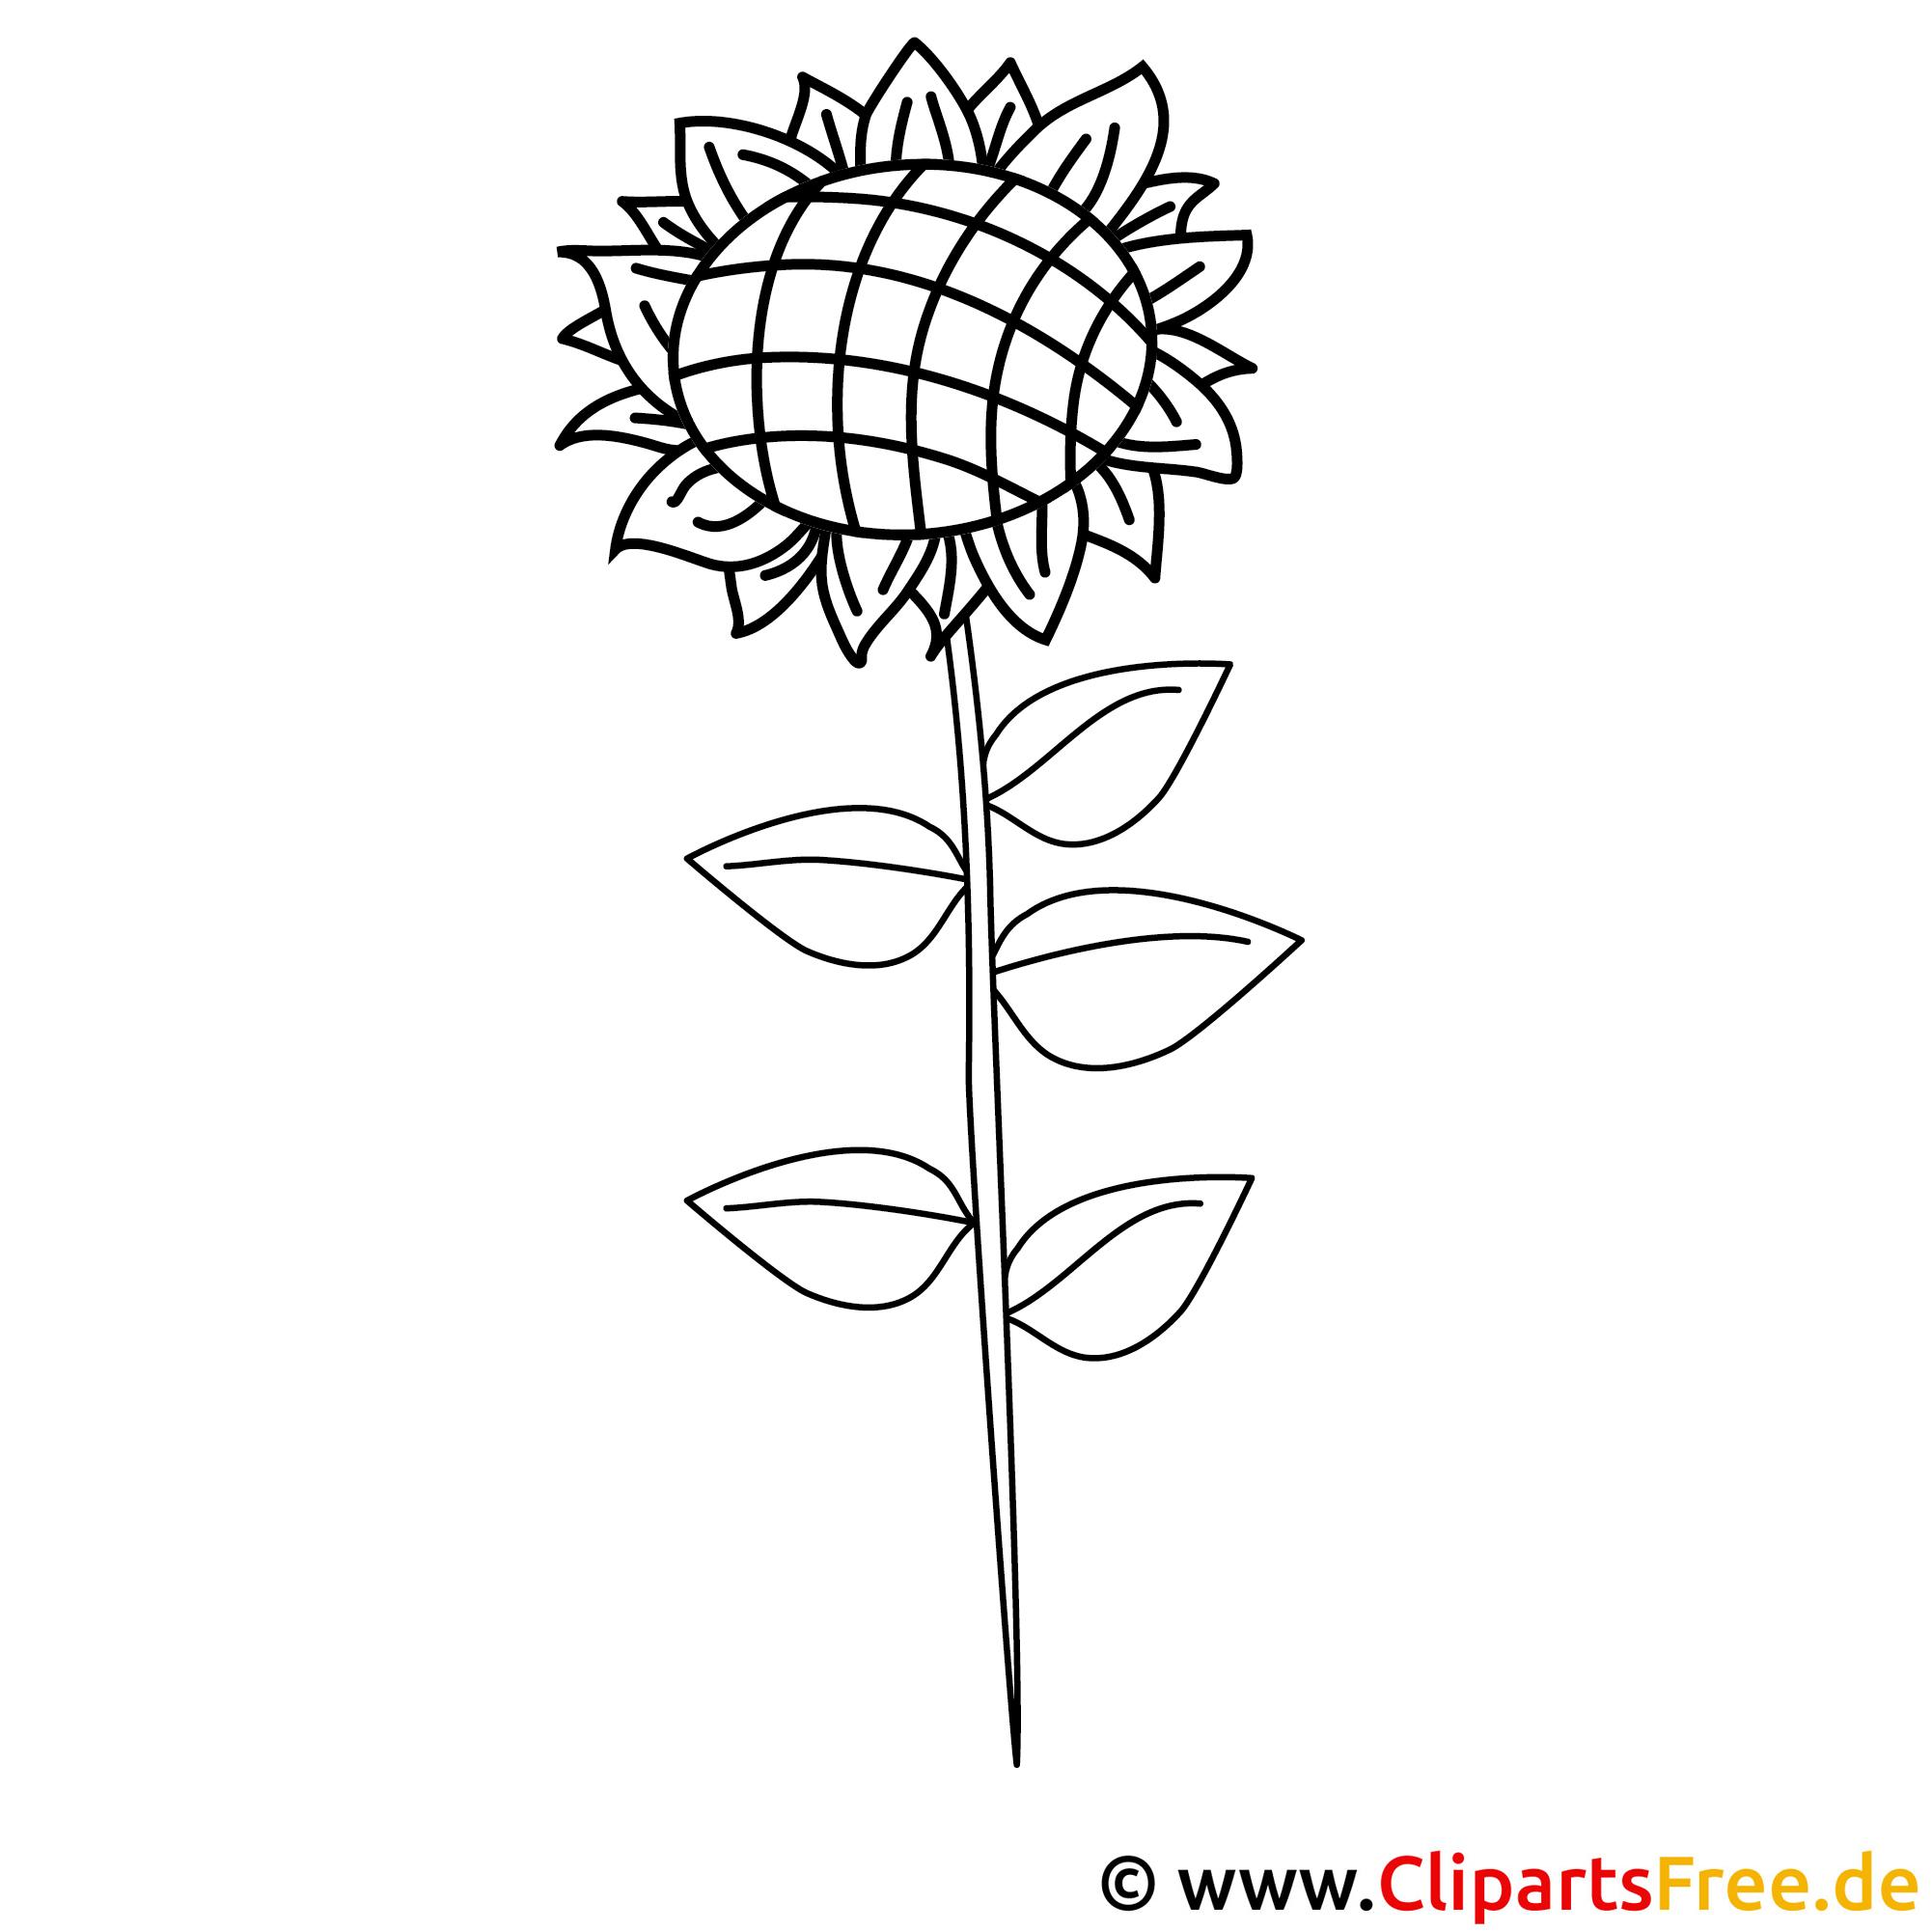 Sonnenblume Bild zum Ausmalen, Malvorlage